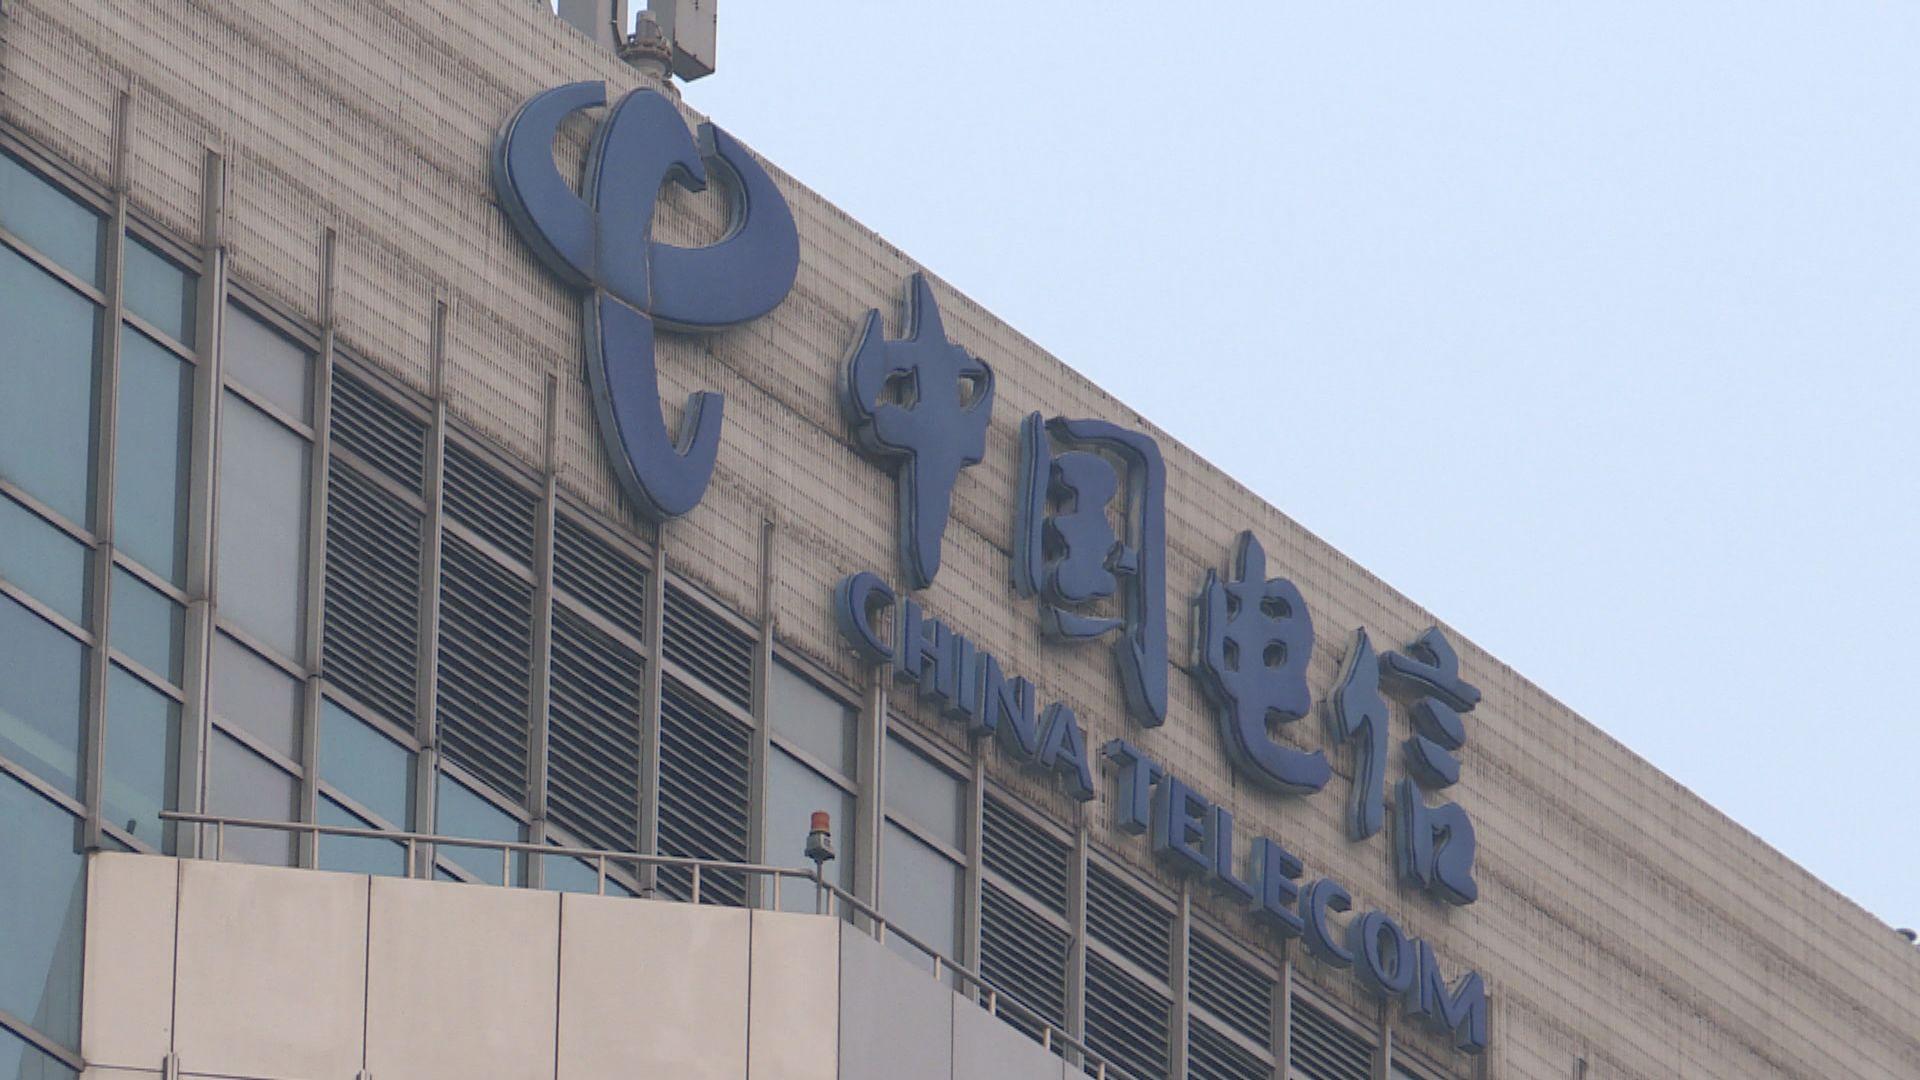 傳美多個部門要求撤銷中國電信在美營運許可